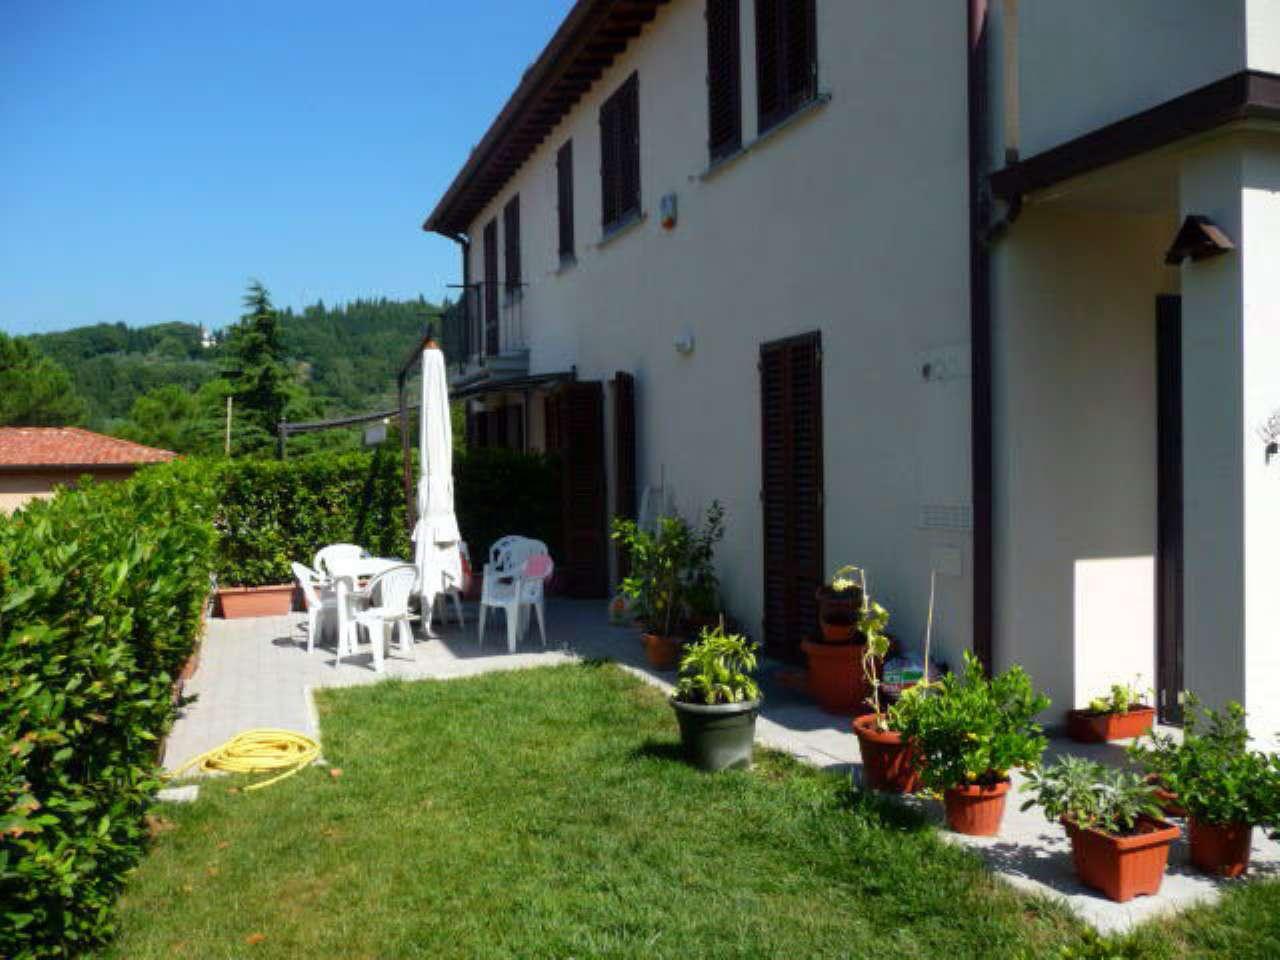 Palazzo / Stabile in vendita a Fiesole, 4 locali, prezzo € 475.000 | Cambio Casa.it